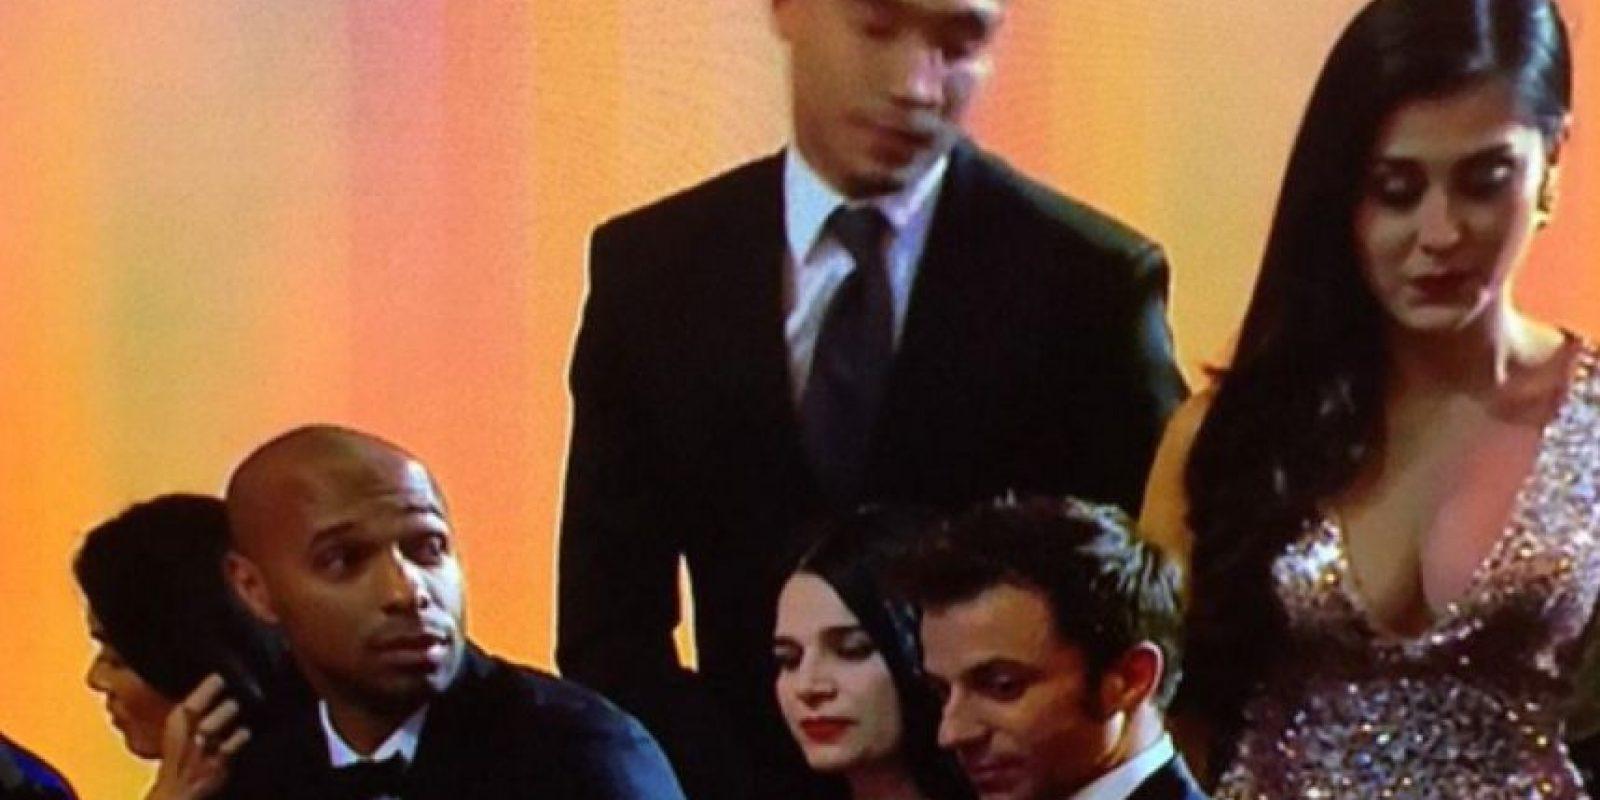 Incluso Thierry Henry fue cautivado por su belleza Foto:Twitter